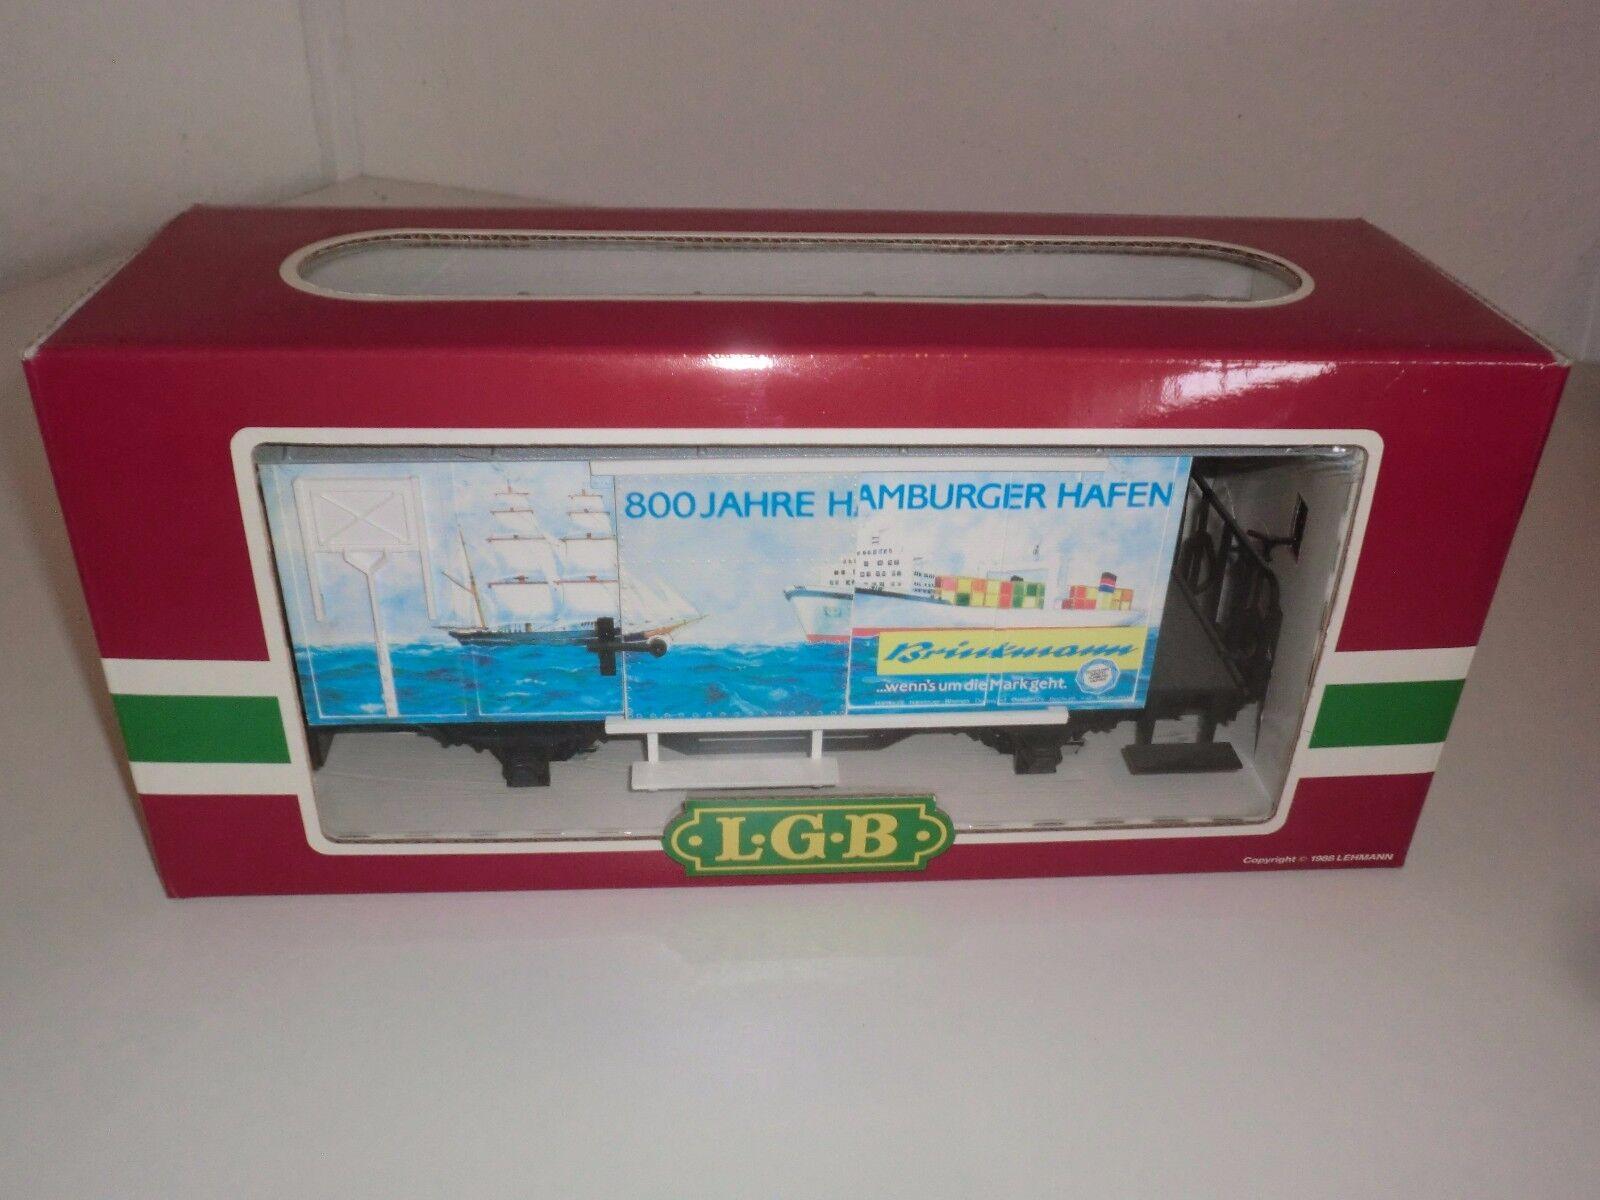 Lehmann LGB Tren 4028 Hh Vagón de Cochega Cerrado 800 Años Hamburger Hafen